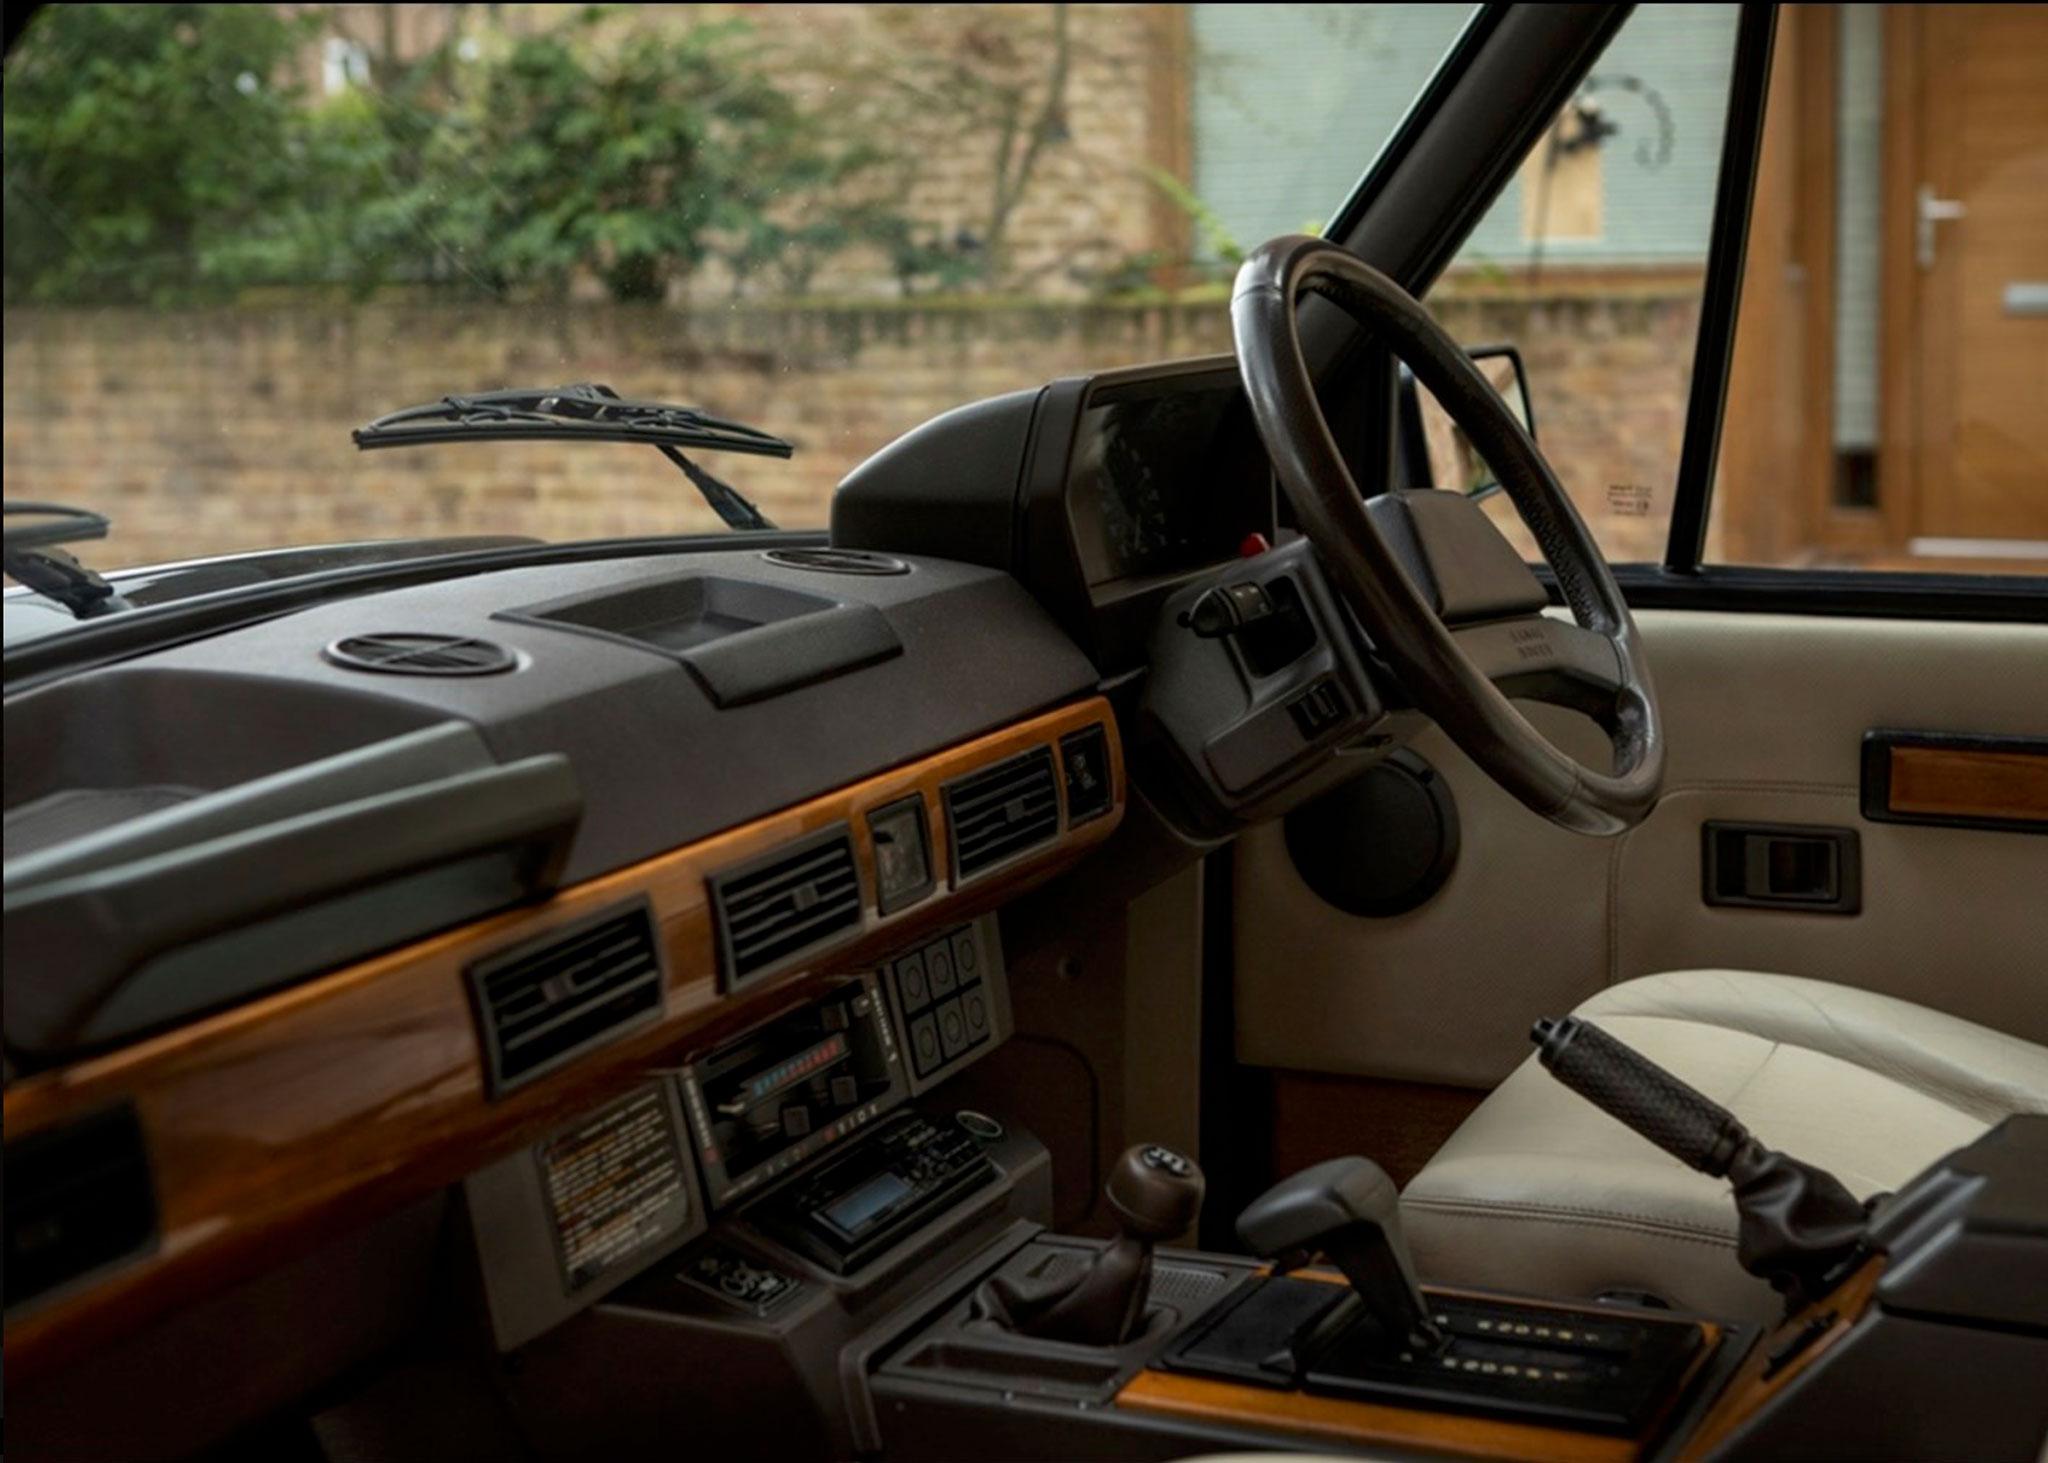 1991 Range Rover CSK N° 181 sur 200 la plaquette se situe à gauche de l'autoradio - Coups de Coeur Historics Auctioneers.